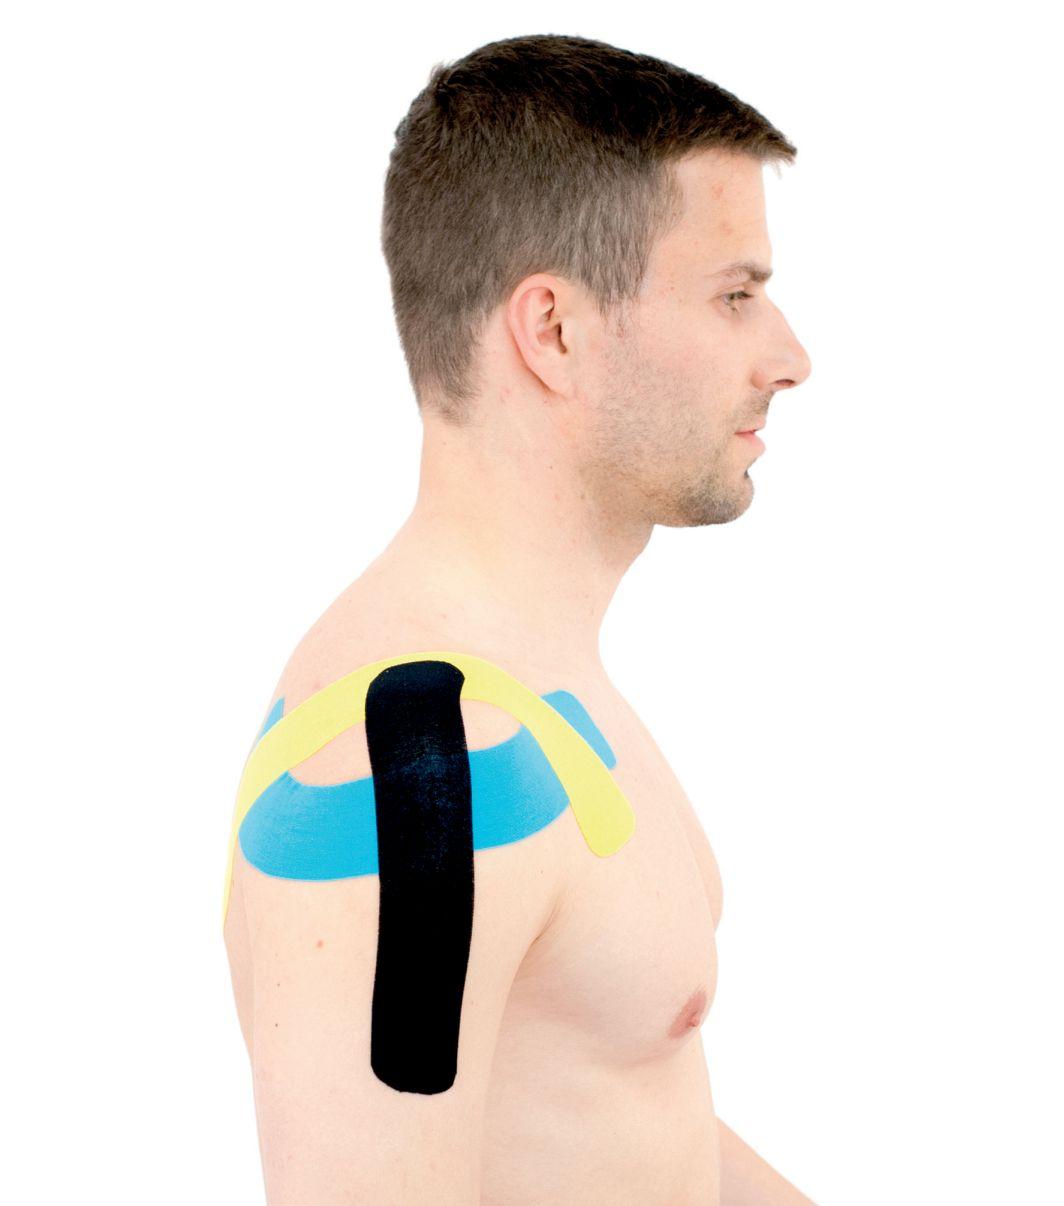 Tejpování ramene – ramenního kloubu 3